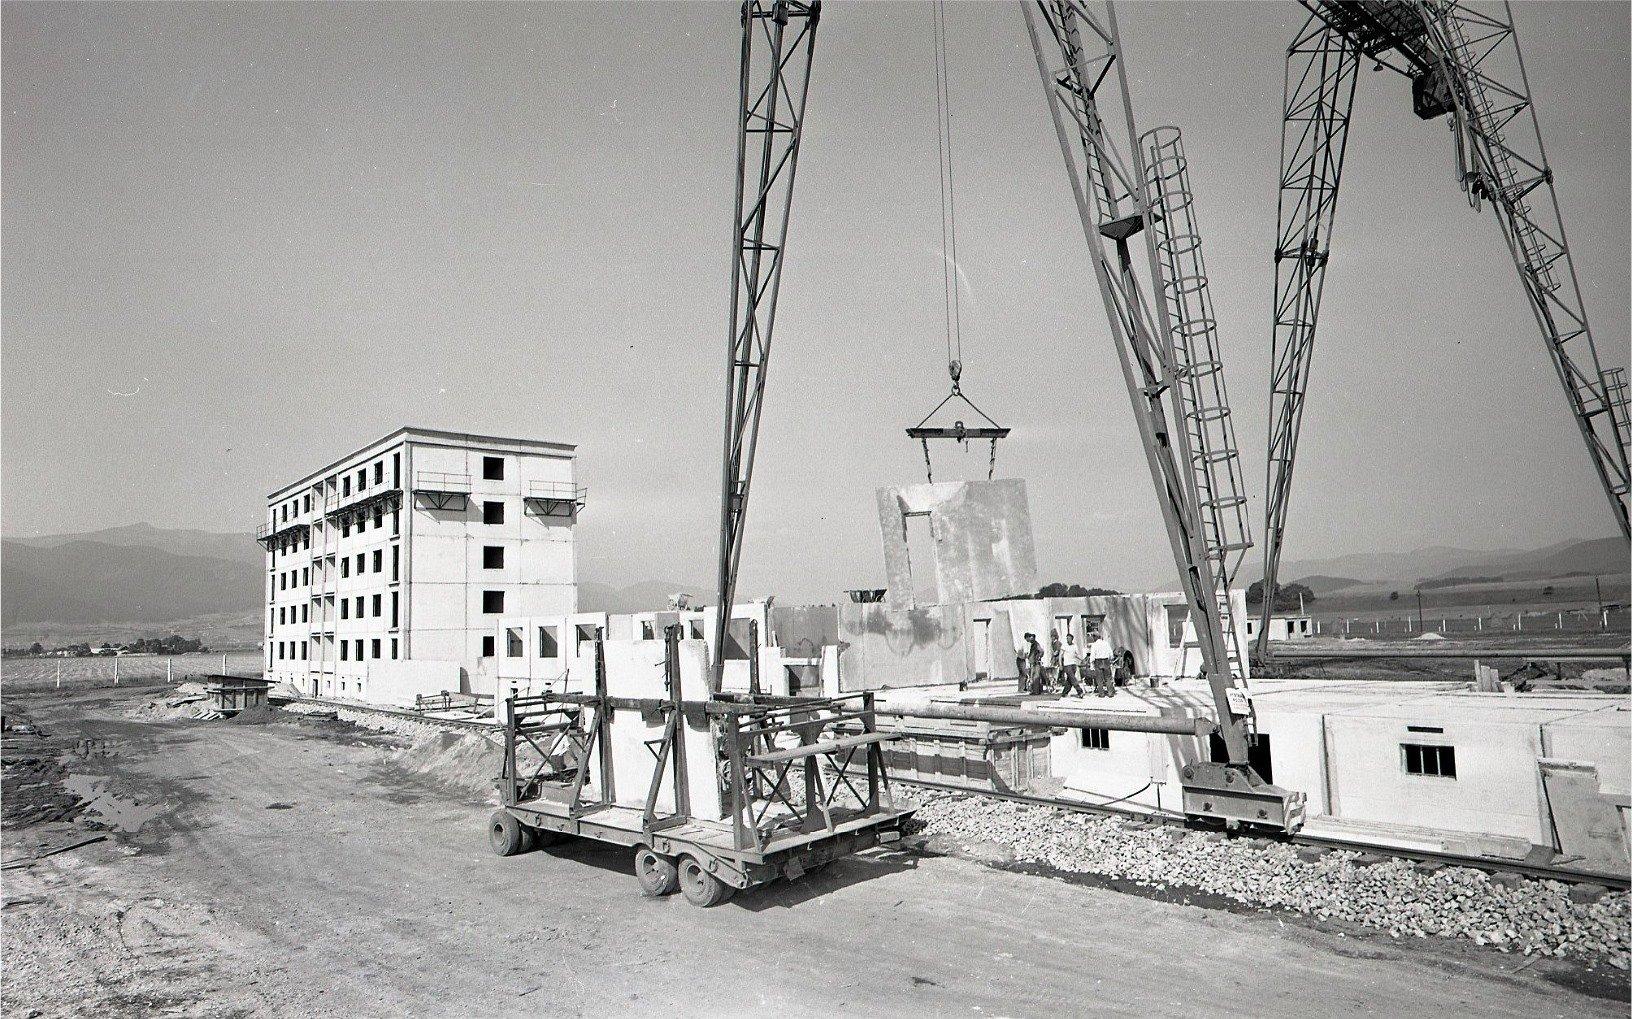 1964 - Budovateľov, sever